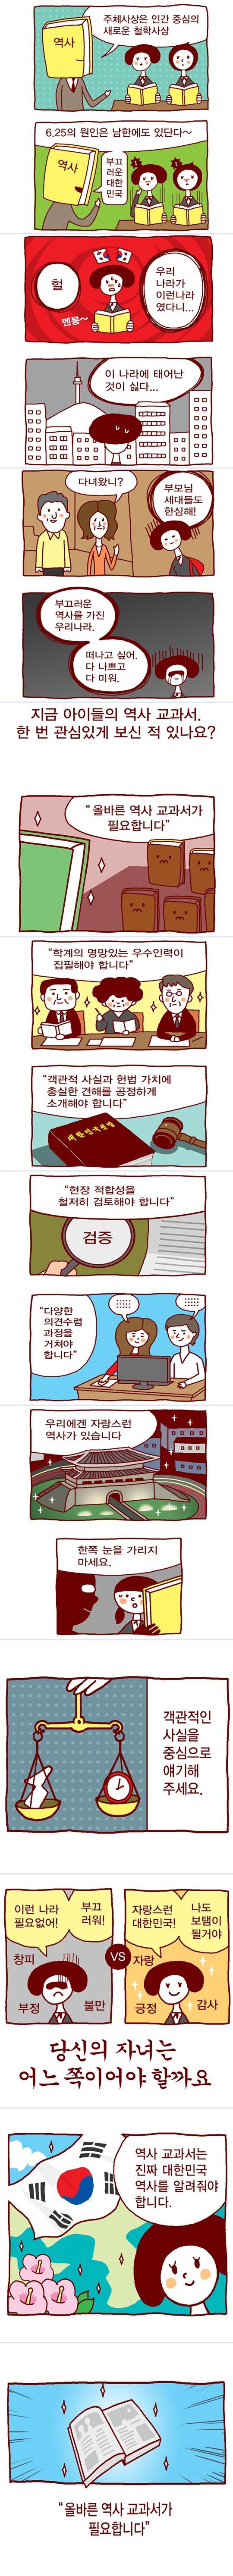 교육부가 31일 페이스북에 공개한 국정교과서 홍보 웹툰. 교육부 페이스북 캡처